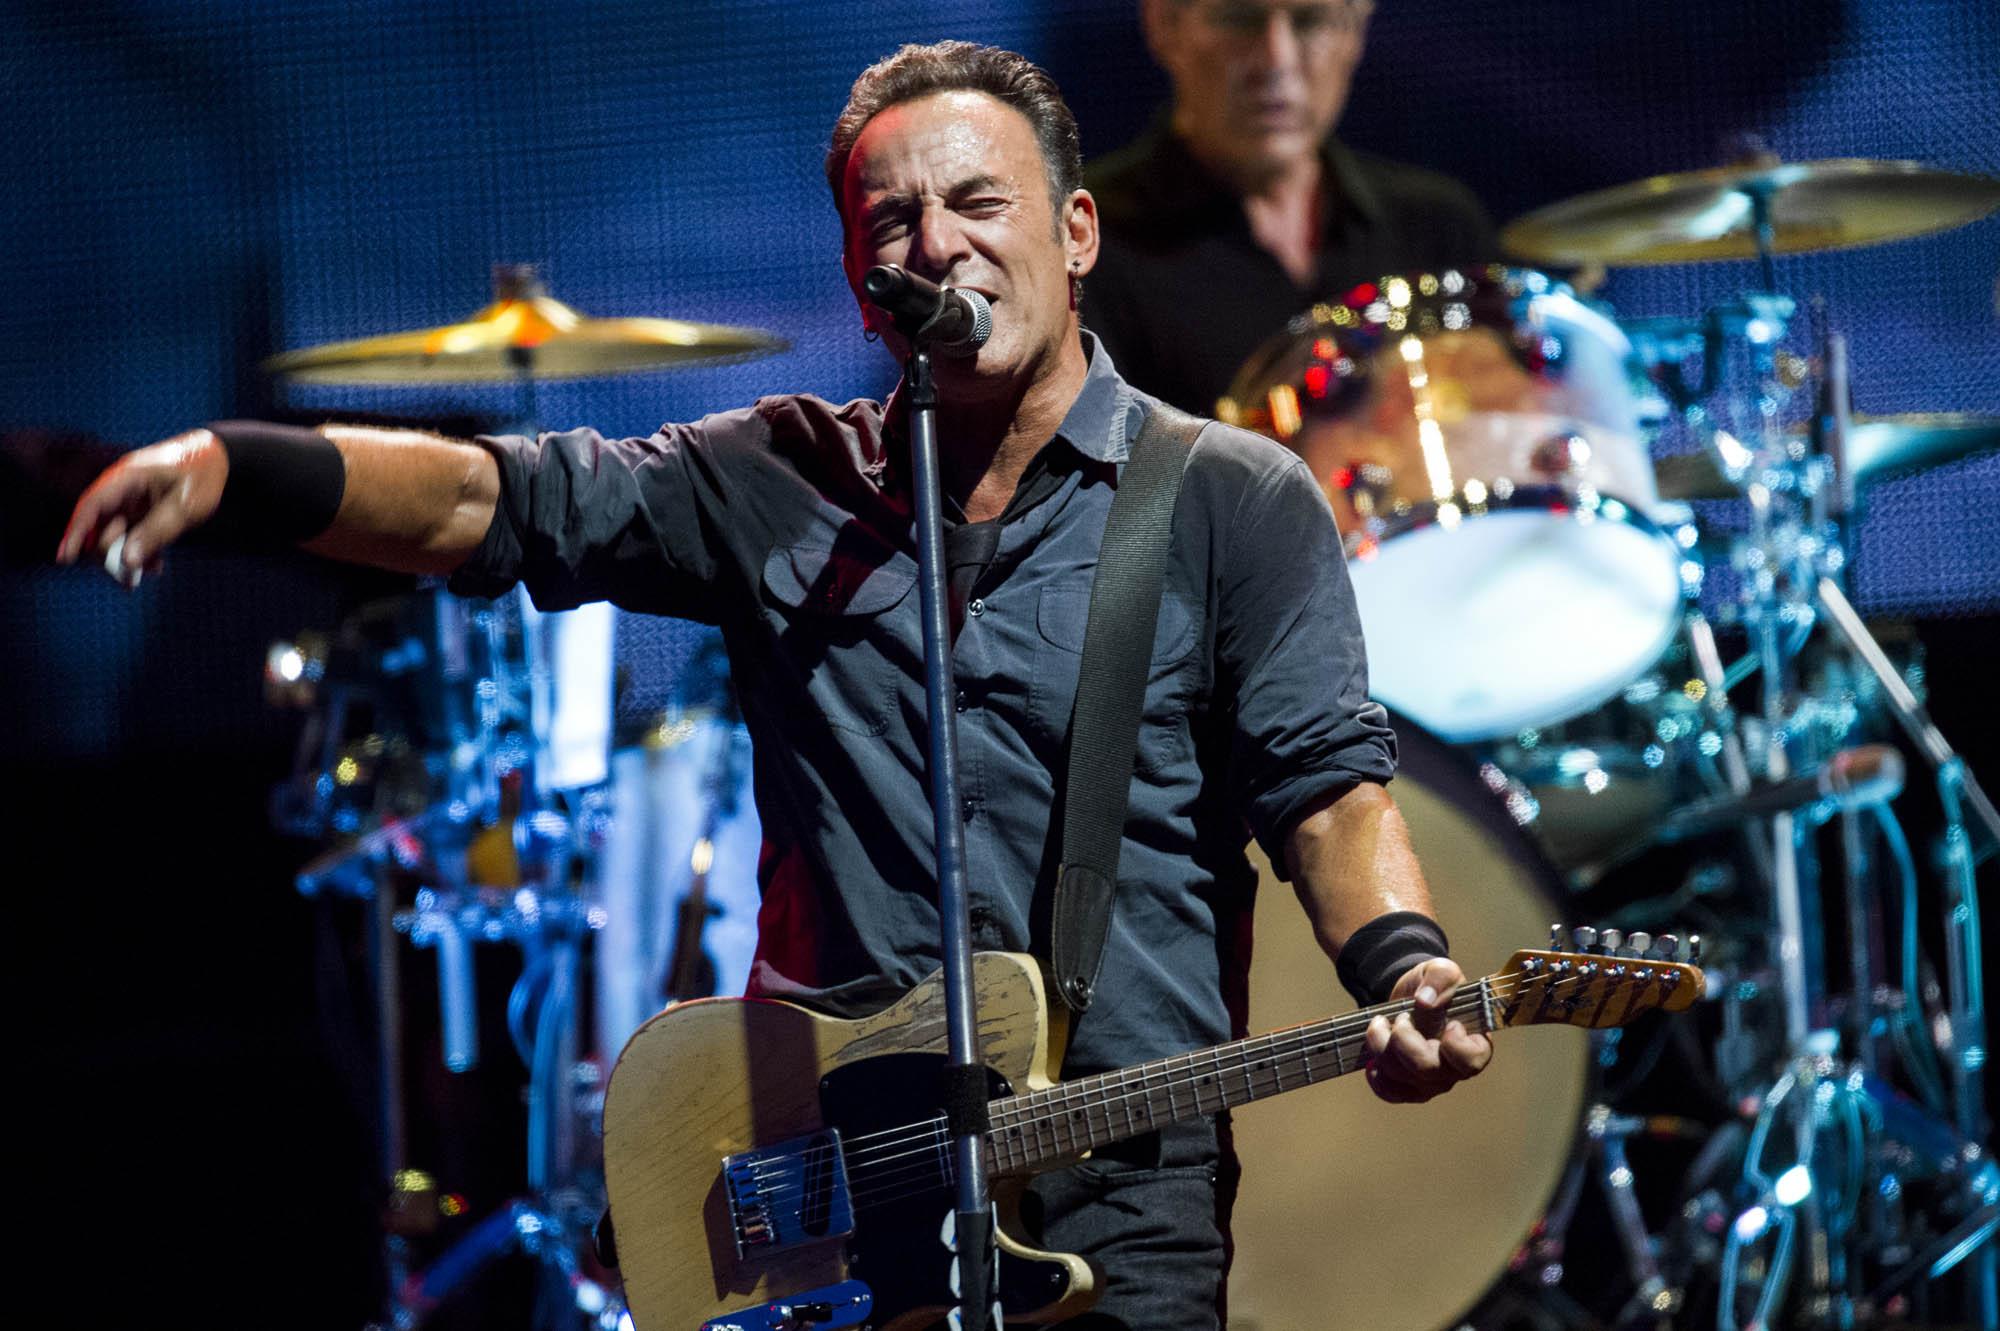 10-Momenti-memorabili-di-Bruce-Springsteen-sul-palco.jpg